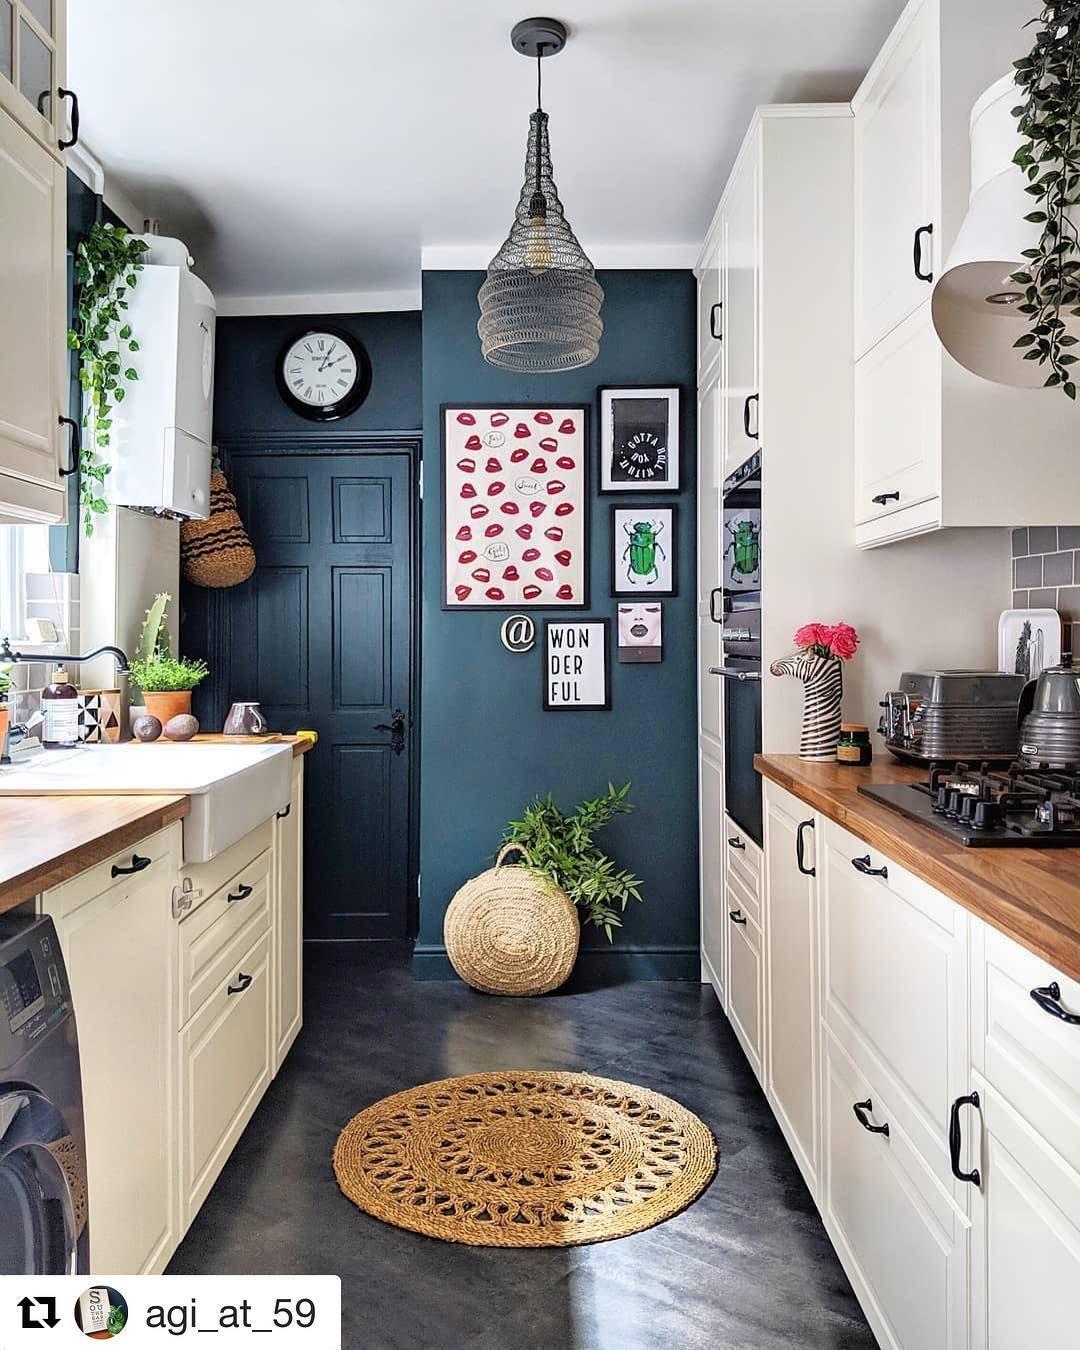 Sila Kontrastu I Biala Kuchnia Prezentuje Sie Zupelnie Inaczej Natomiast Drzwi W Kolorze Scian Kitchen Redesign Kitchen Design Small Kitchen Remodel Small